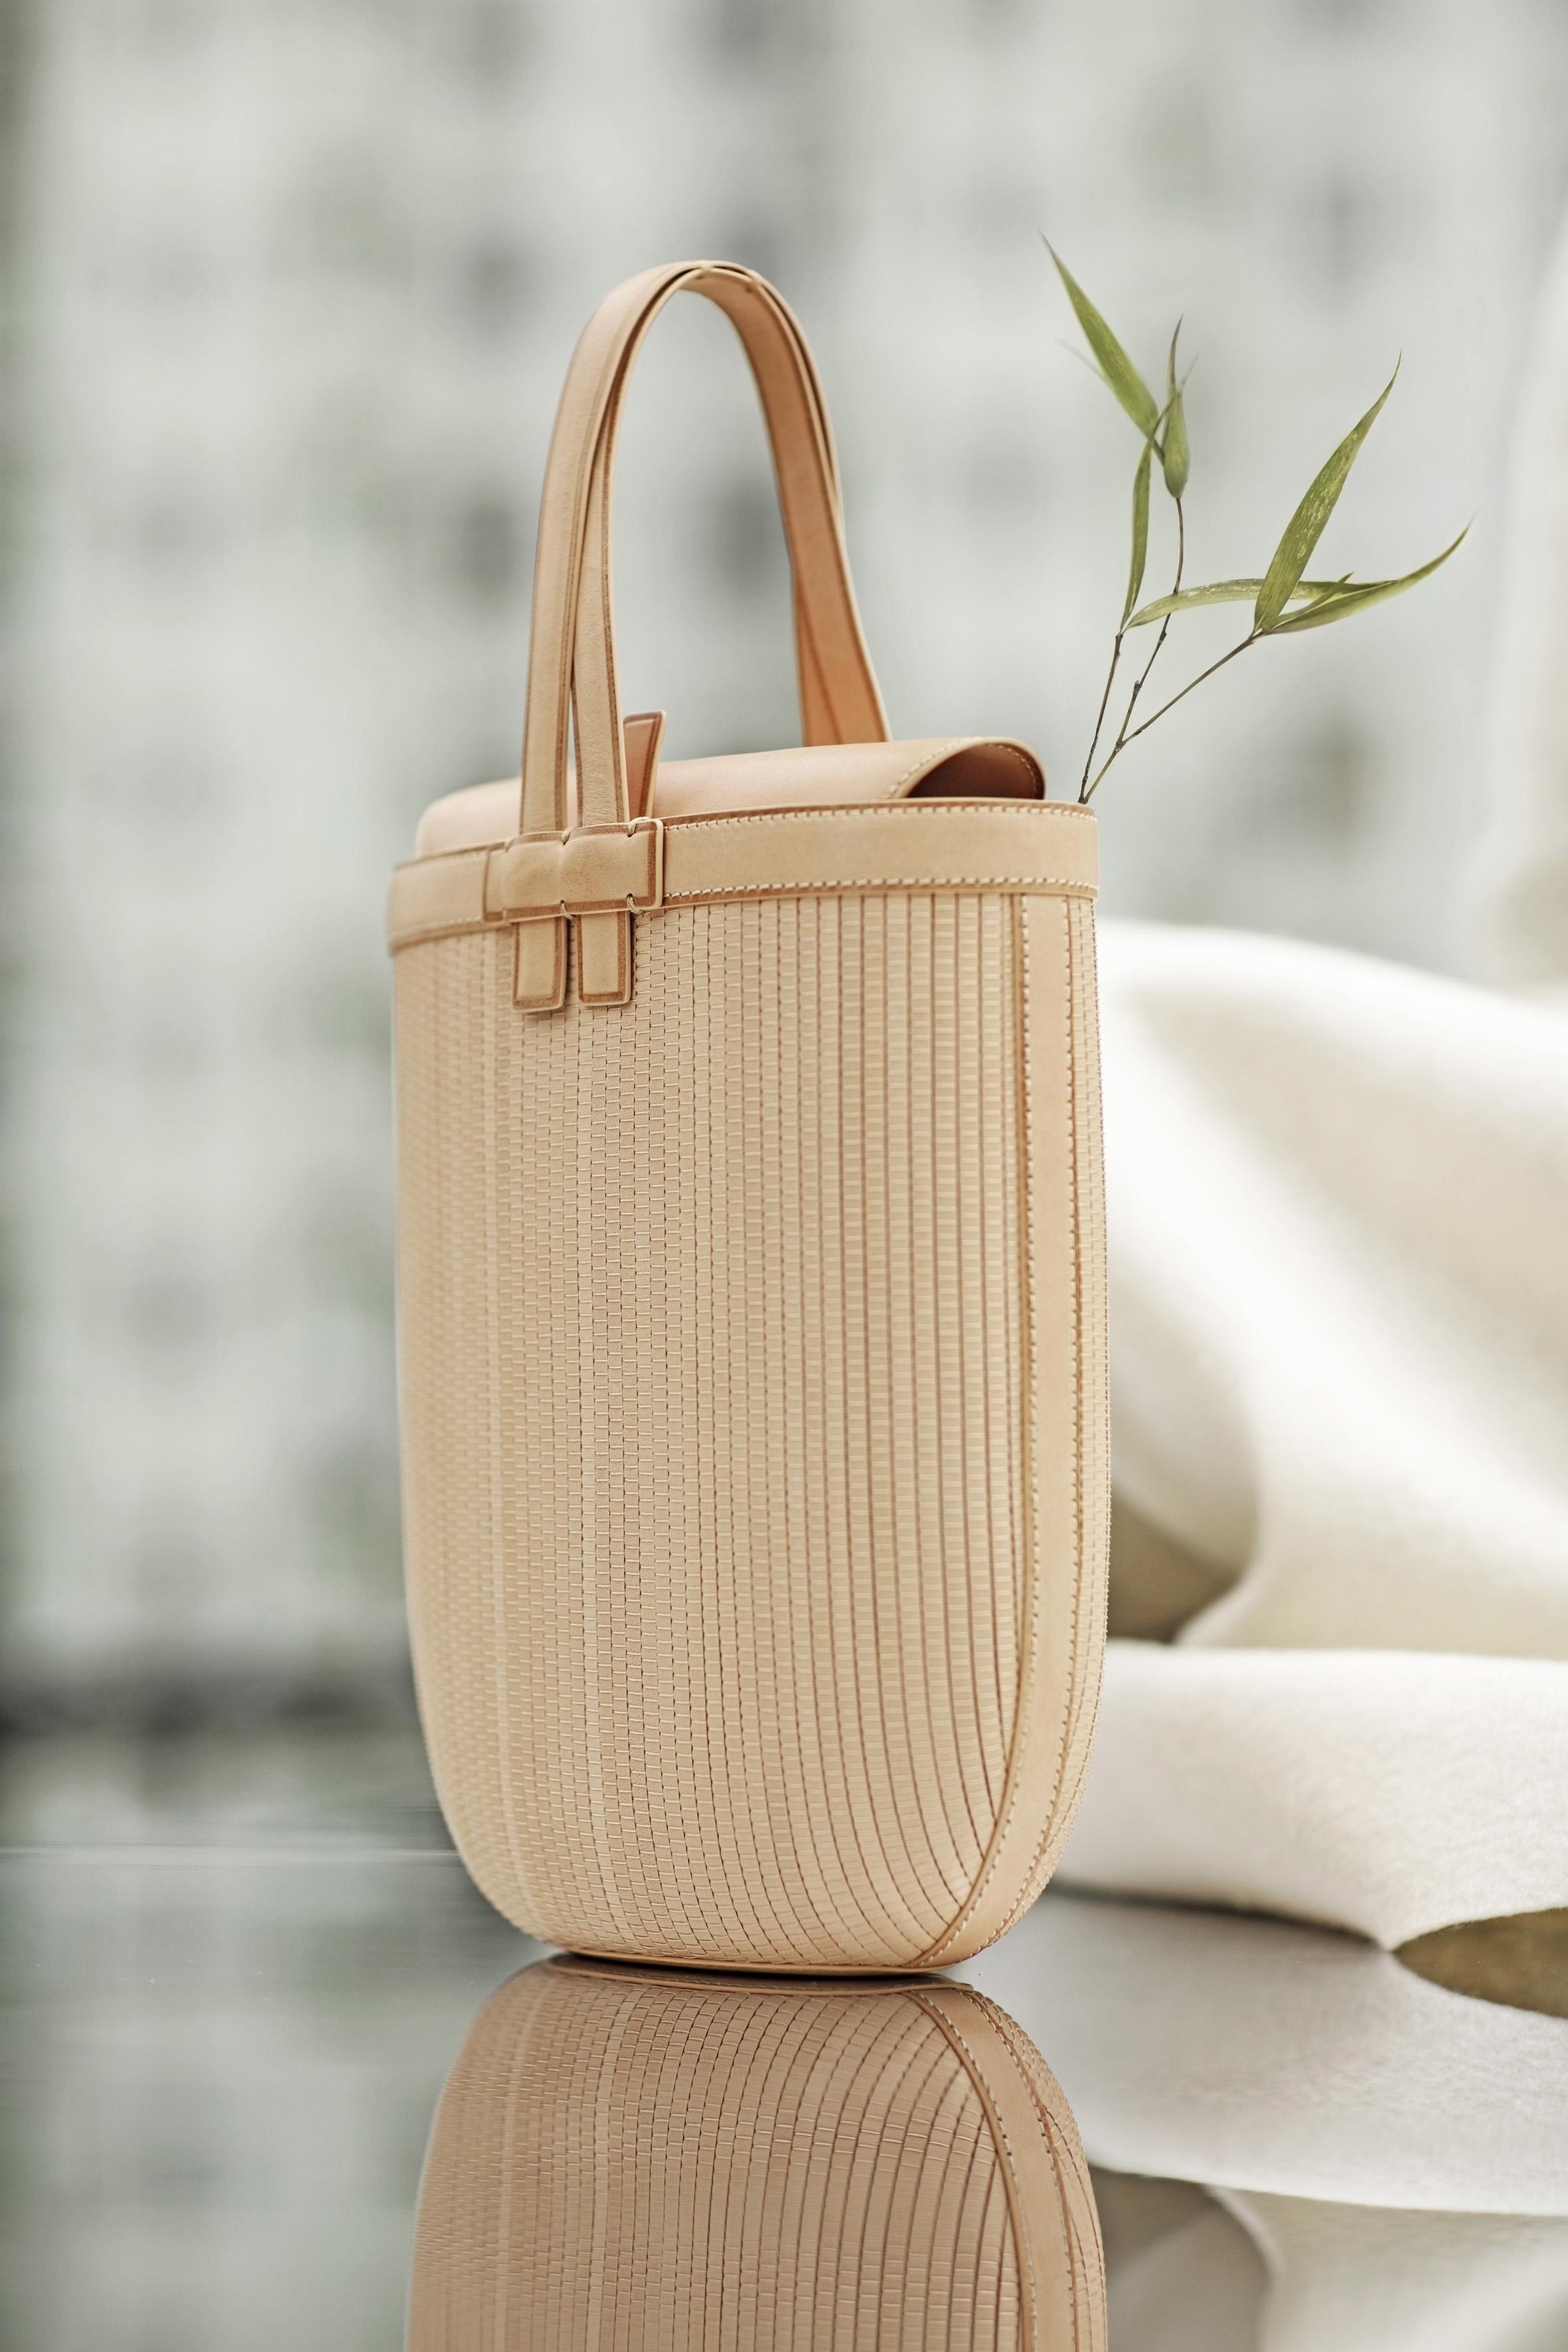 Lan Yue woven leather handbag by Shang Xia